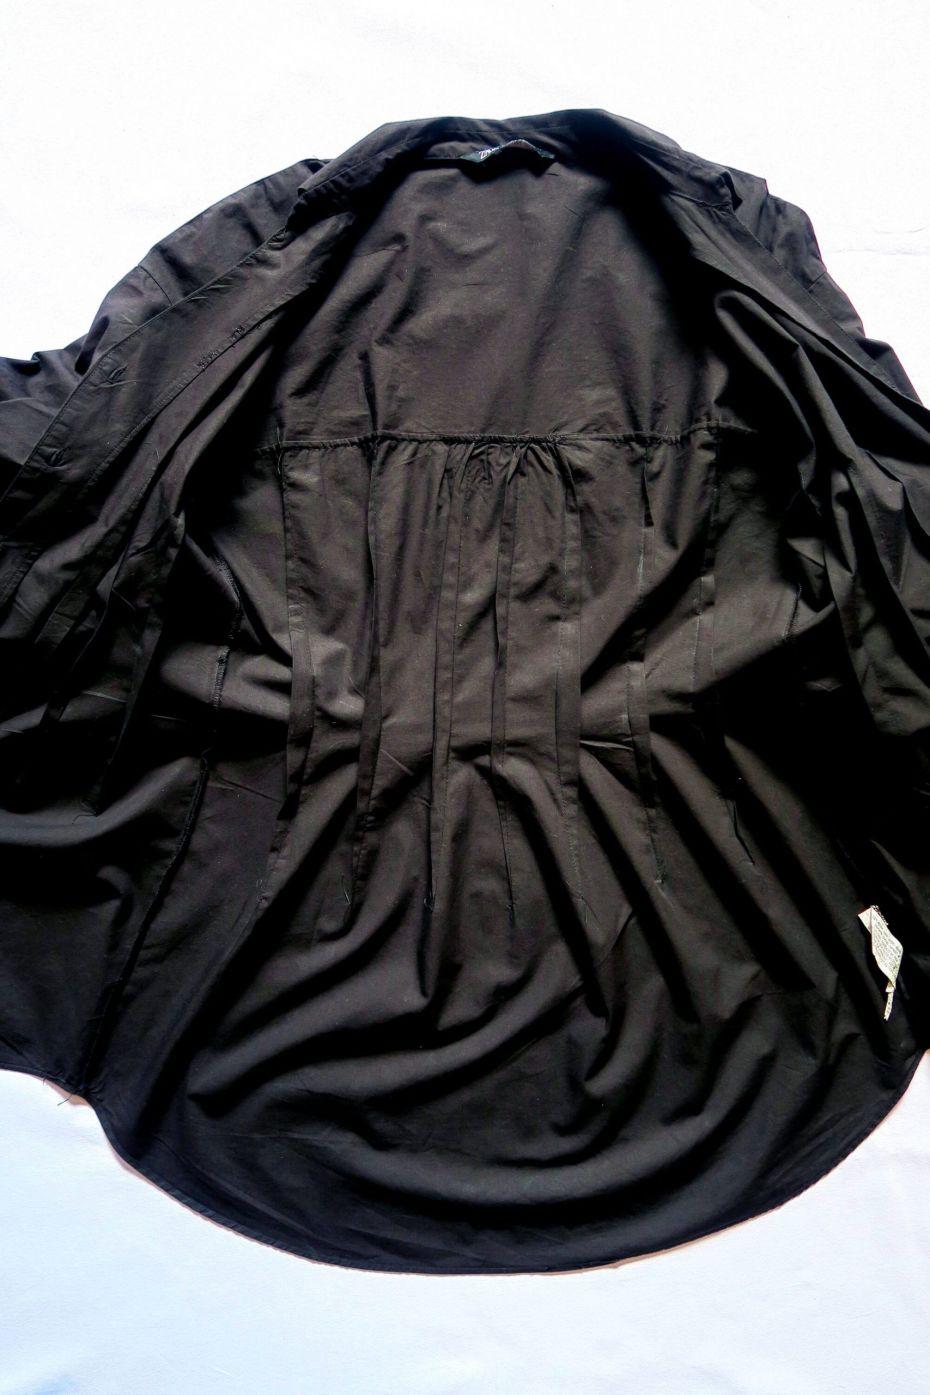 Tutorial reciclaje ropa: DIY vestido camisa ajustado, pinzas por el interior de la camisa